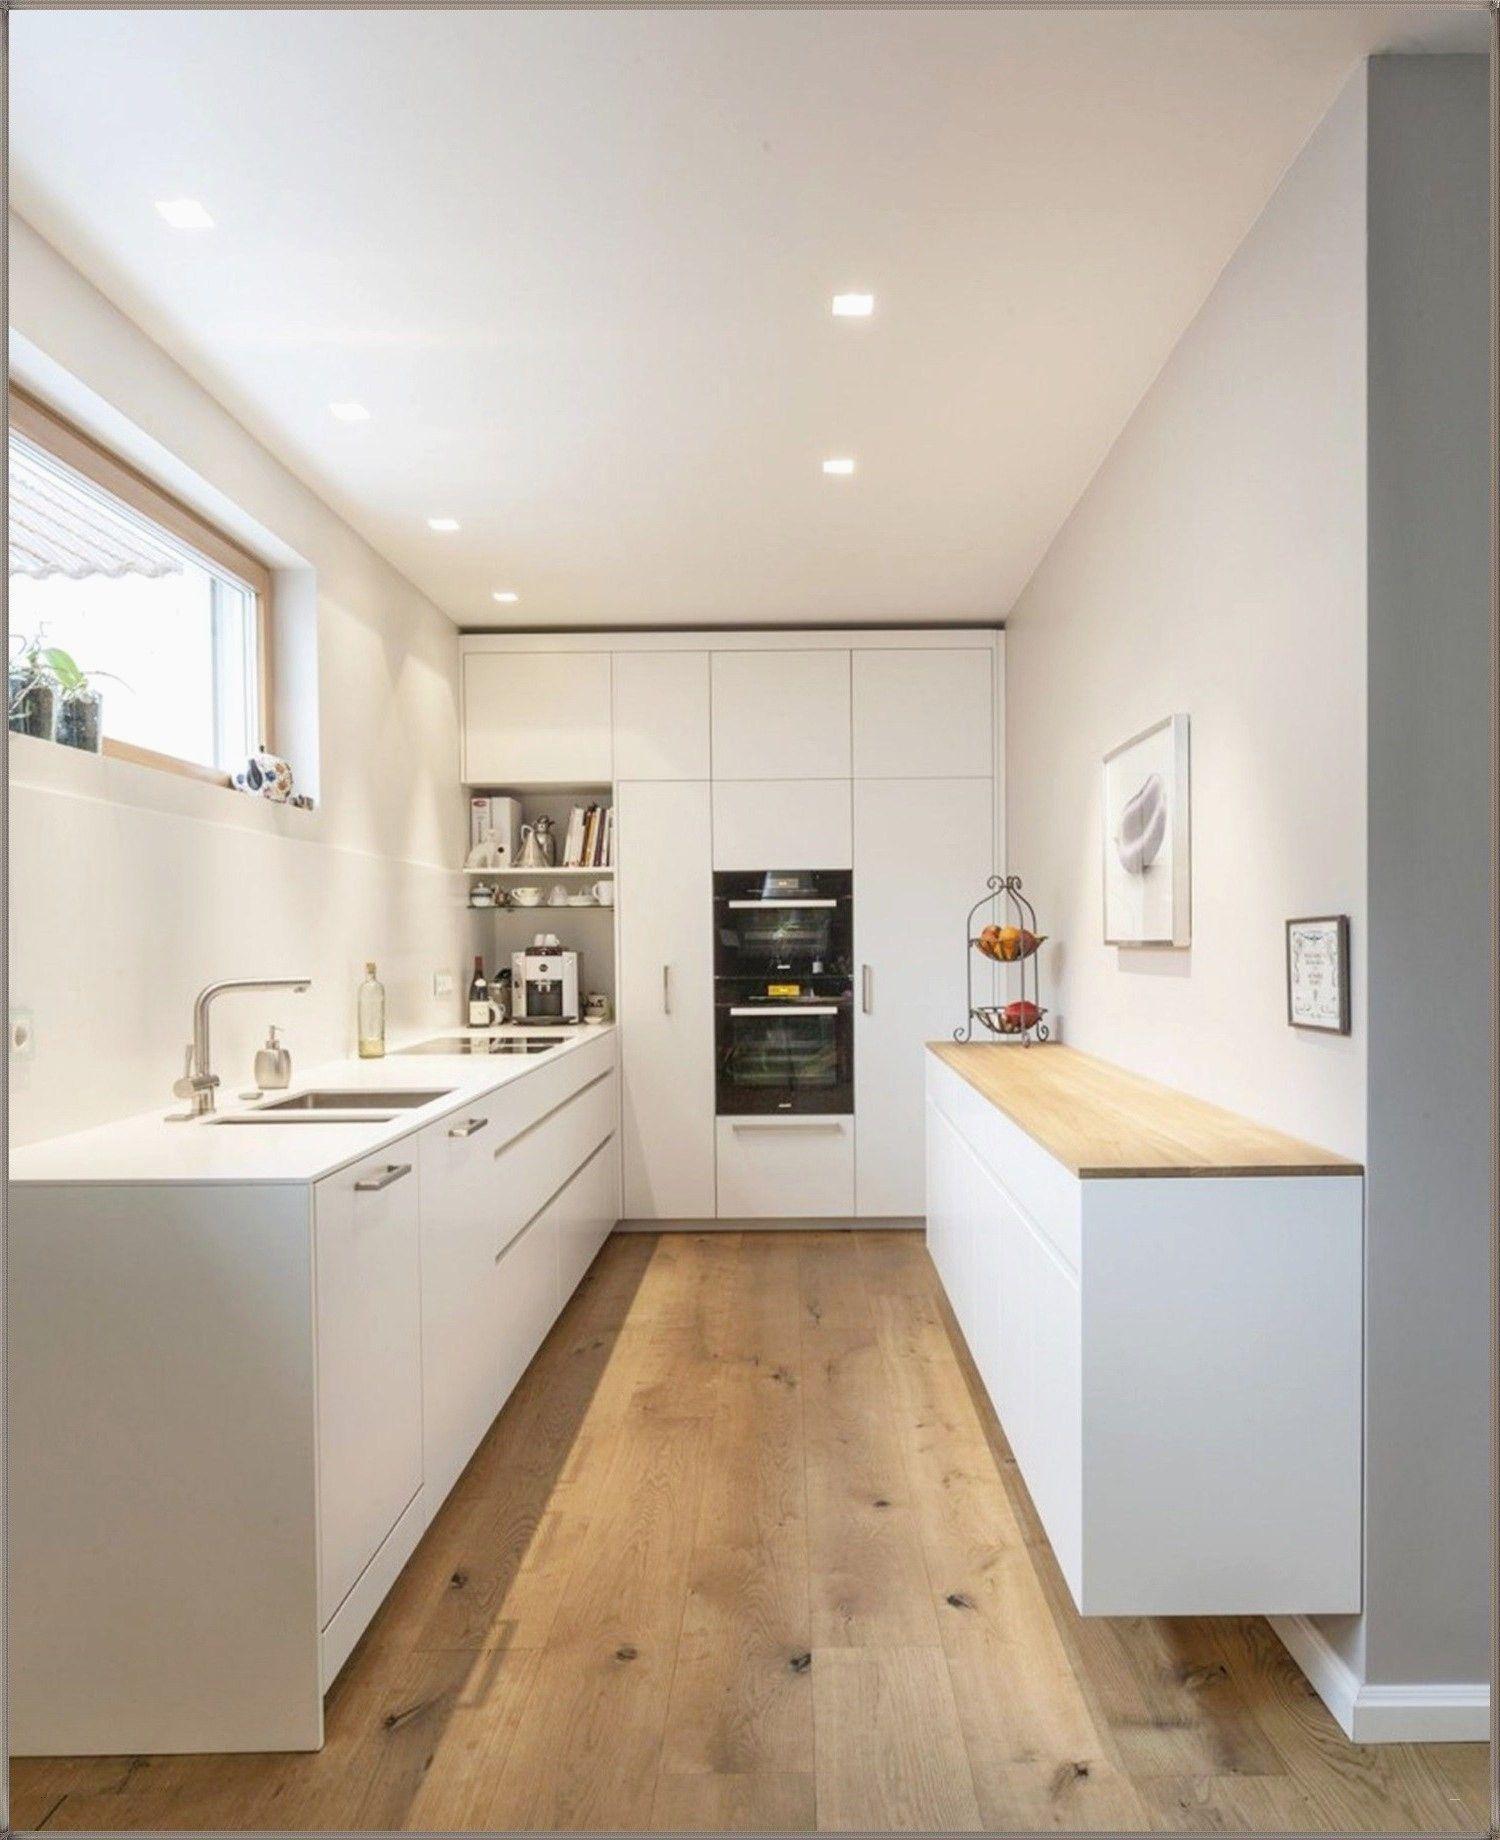 33 Elegant Kuche Fur Kleine Raume Mit Bildern Wandgestaltung Kuche Kuche Selber Bauen Schoner Wohnen Kuchen